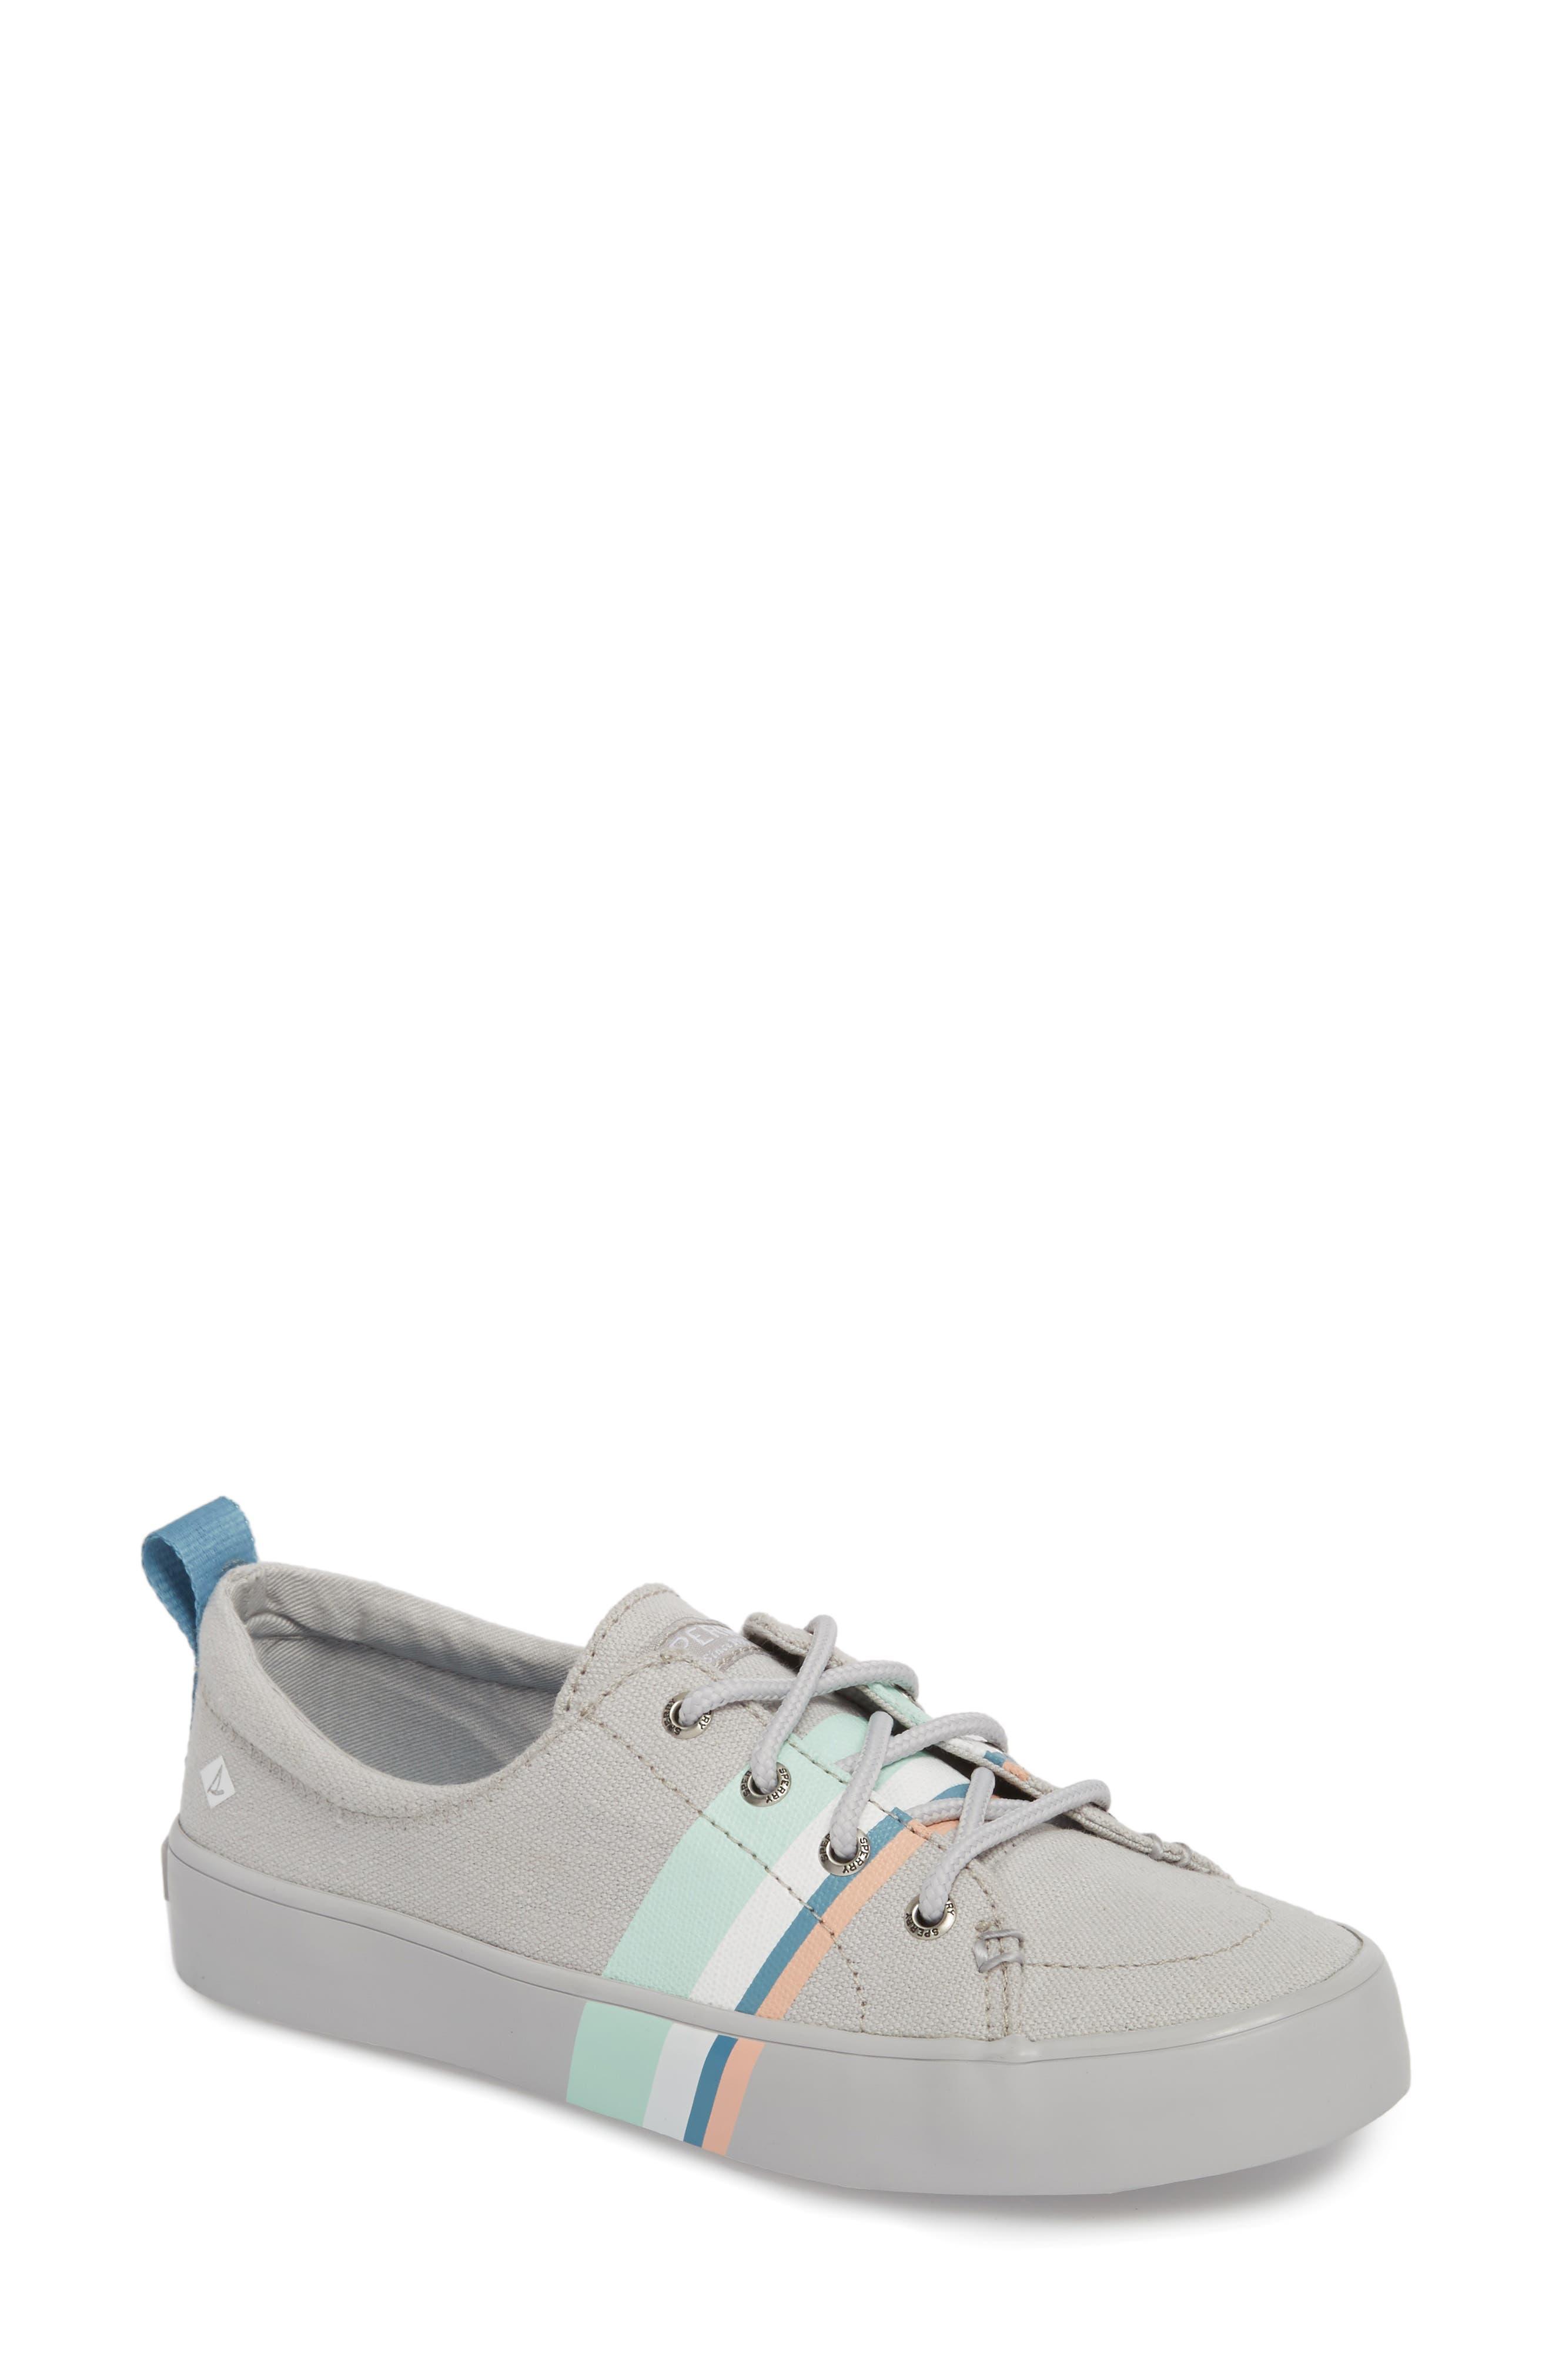 Crest Vibe Slip-On Sneaker,                         Main,                         color, 050